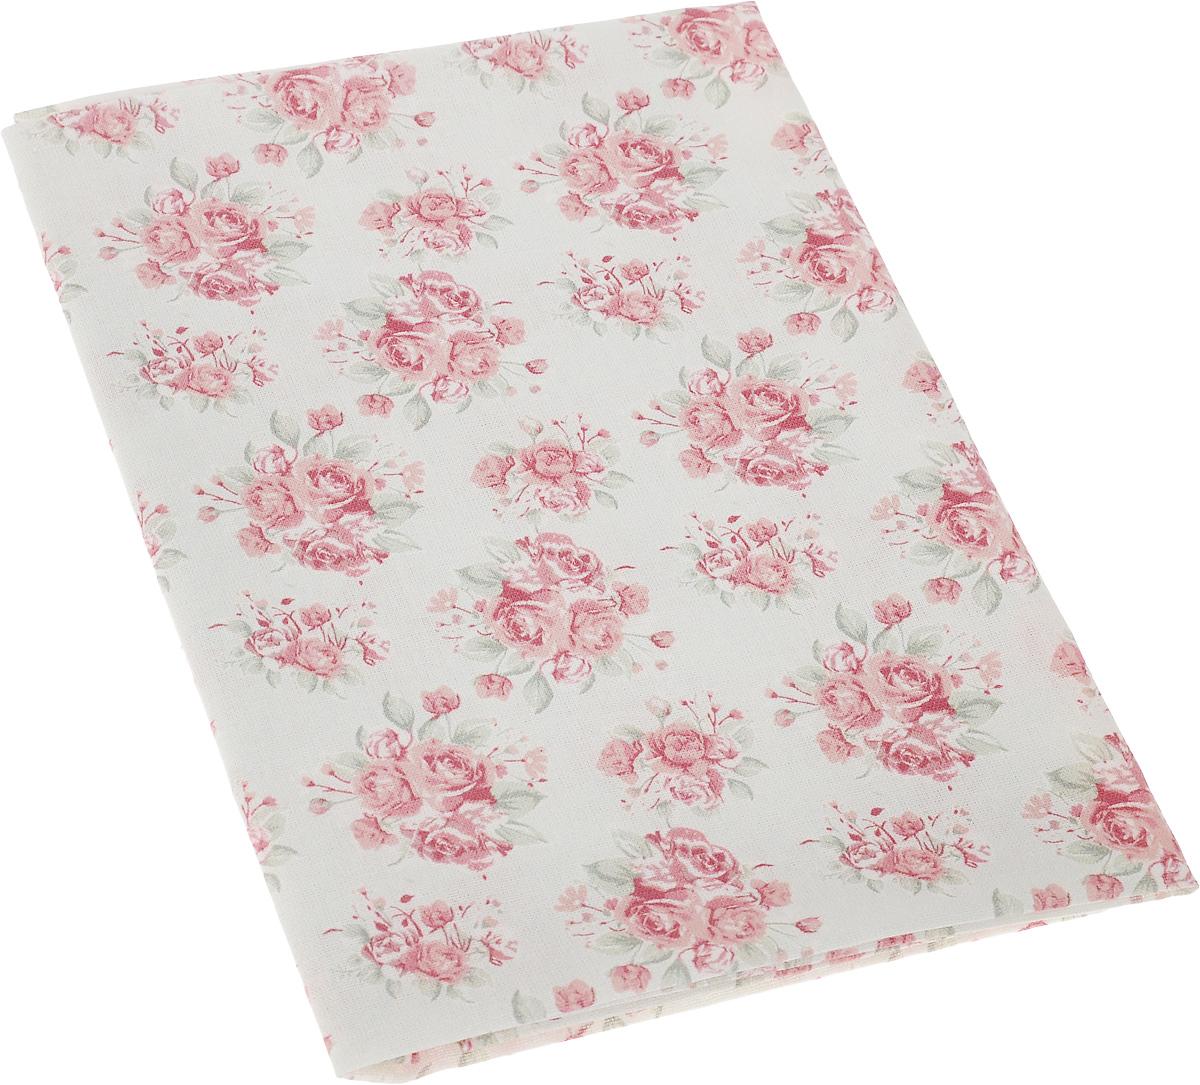 Ткань для пэчворка Артмикс Розы, клетка и листочки, цвет: молочный, розовый, 48 x 50 смNN-612-LS-PLТкань Артмикс Розы, клетка и листочки, изготовленная из 100% хлопка, предназначена для пошива одеял, покрывал, сумок, аппликаций и прочих изделий в технике пэчворк. Также подходит для пошива кукол, аксессуаров и одежды.Пэчворк - это вид рукоделия, при котором по принципу мозаики сшивается цельное изделие из кусочков ткани (лоскутков). Плотность ткани: 120 г/м2.УВАЖАЕМЫЕ КЛИЕНТЫ!Обращаем ваше внимание, на тот факт, что размер отреза может отличаться на 1-2 см.